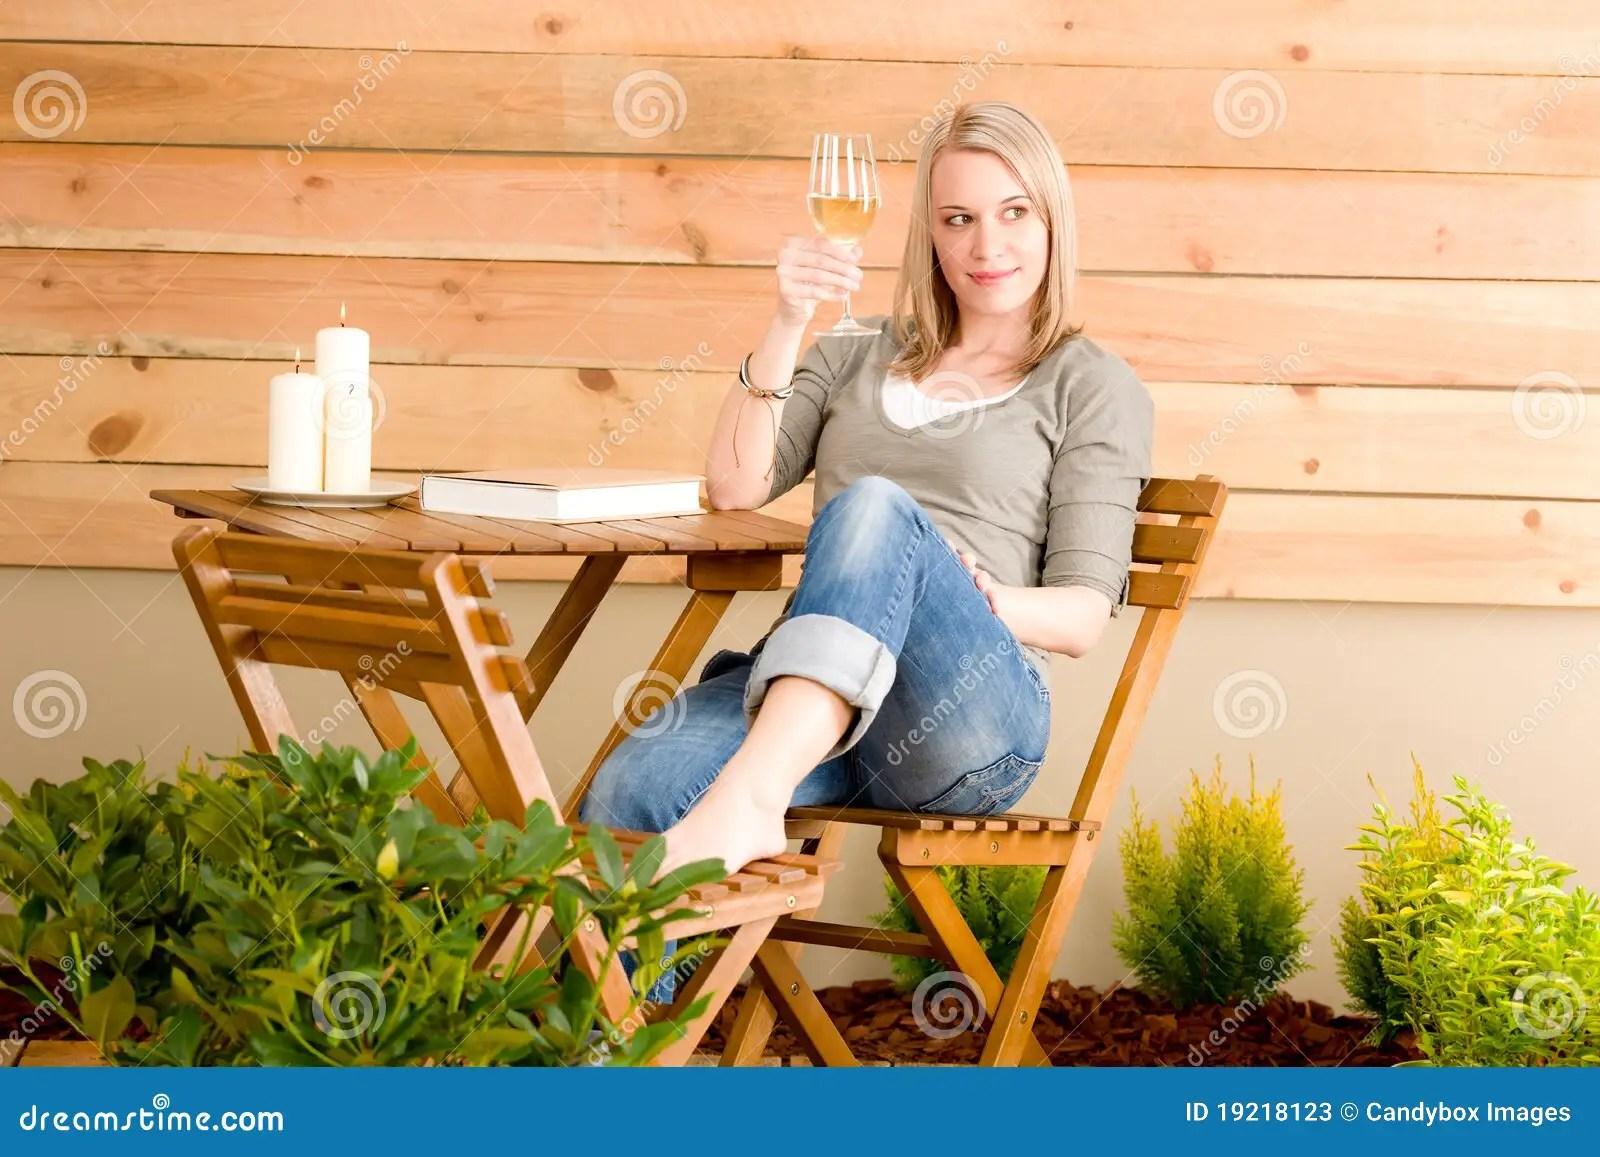 Garden Furniture 4 Less